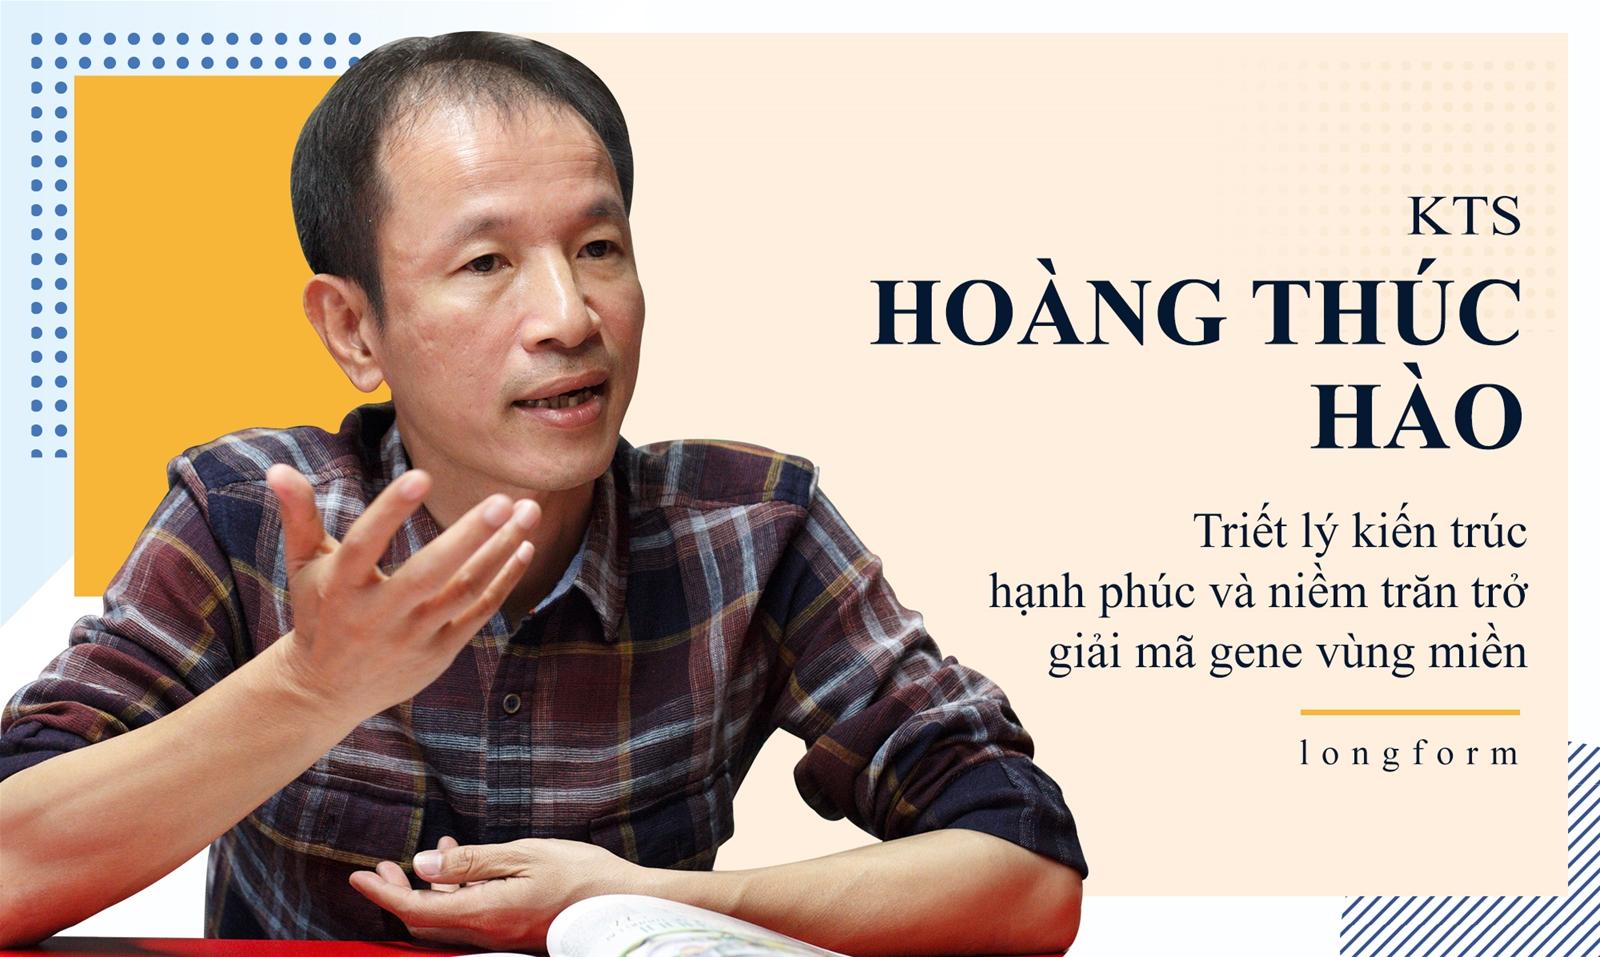 KTS Hoàng Thúc Hào: Niềm trăn trở giải mã gene vùng miền